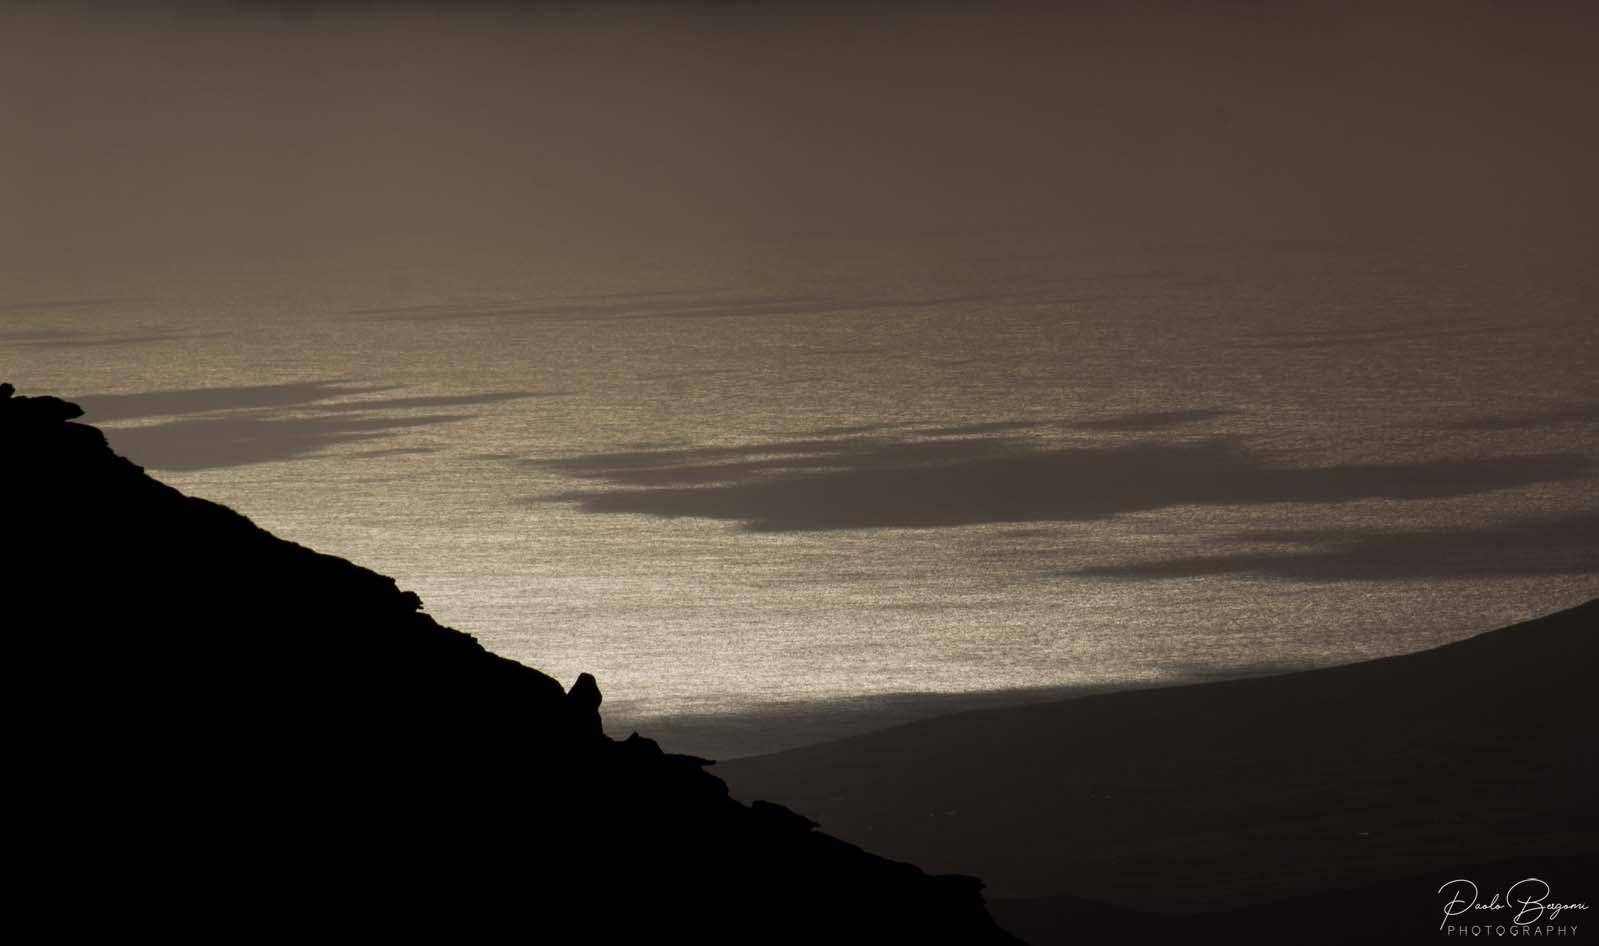 Le luci dorate illuminano la baia su Dingle Peninsula